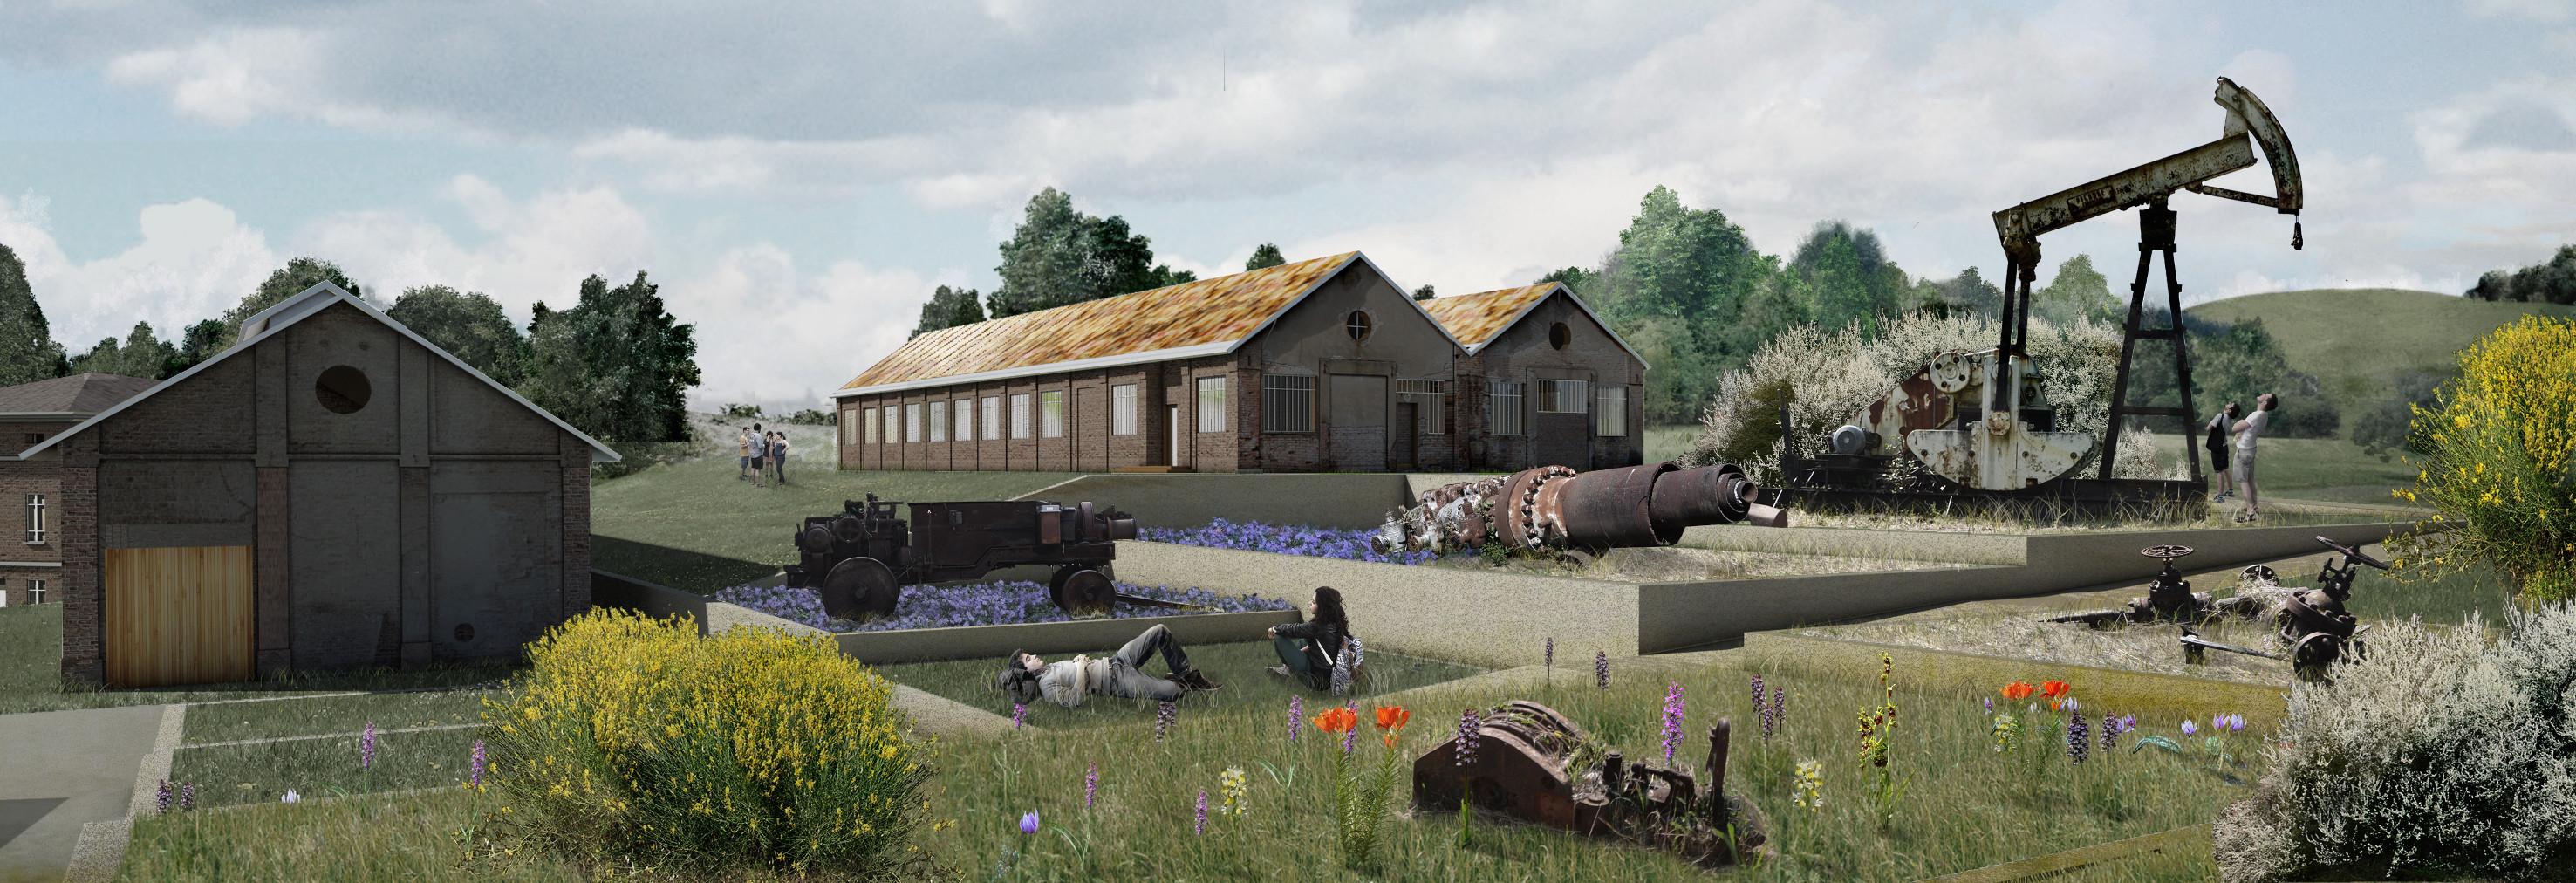 Paesaggi culturali e un progetto pilota di Energie Park. Il Parco museo Mu.PE dal petrolio alle energie alternative.